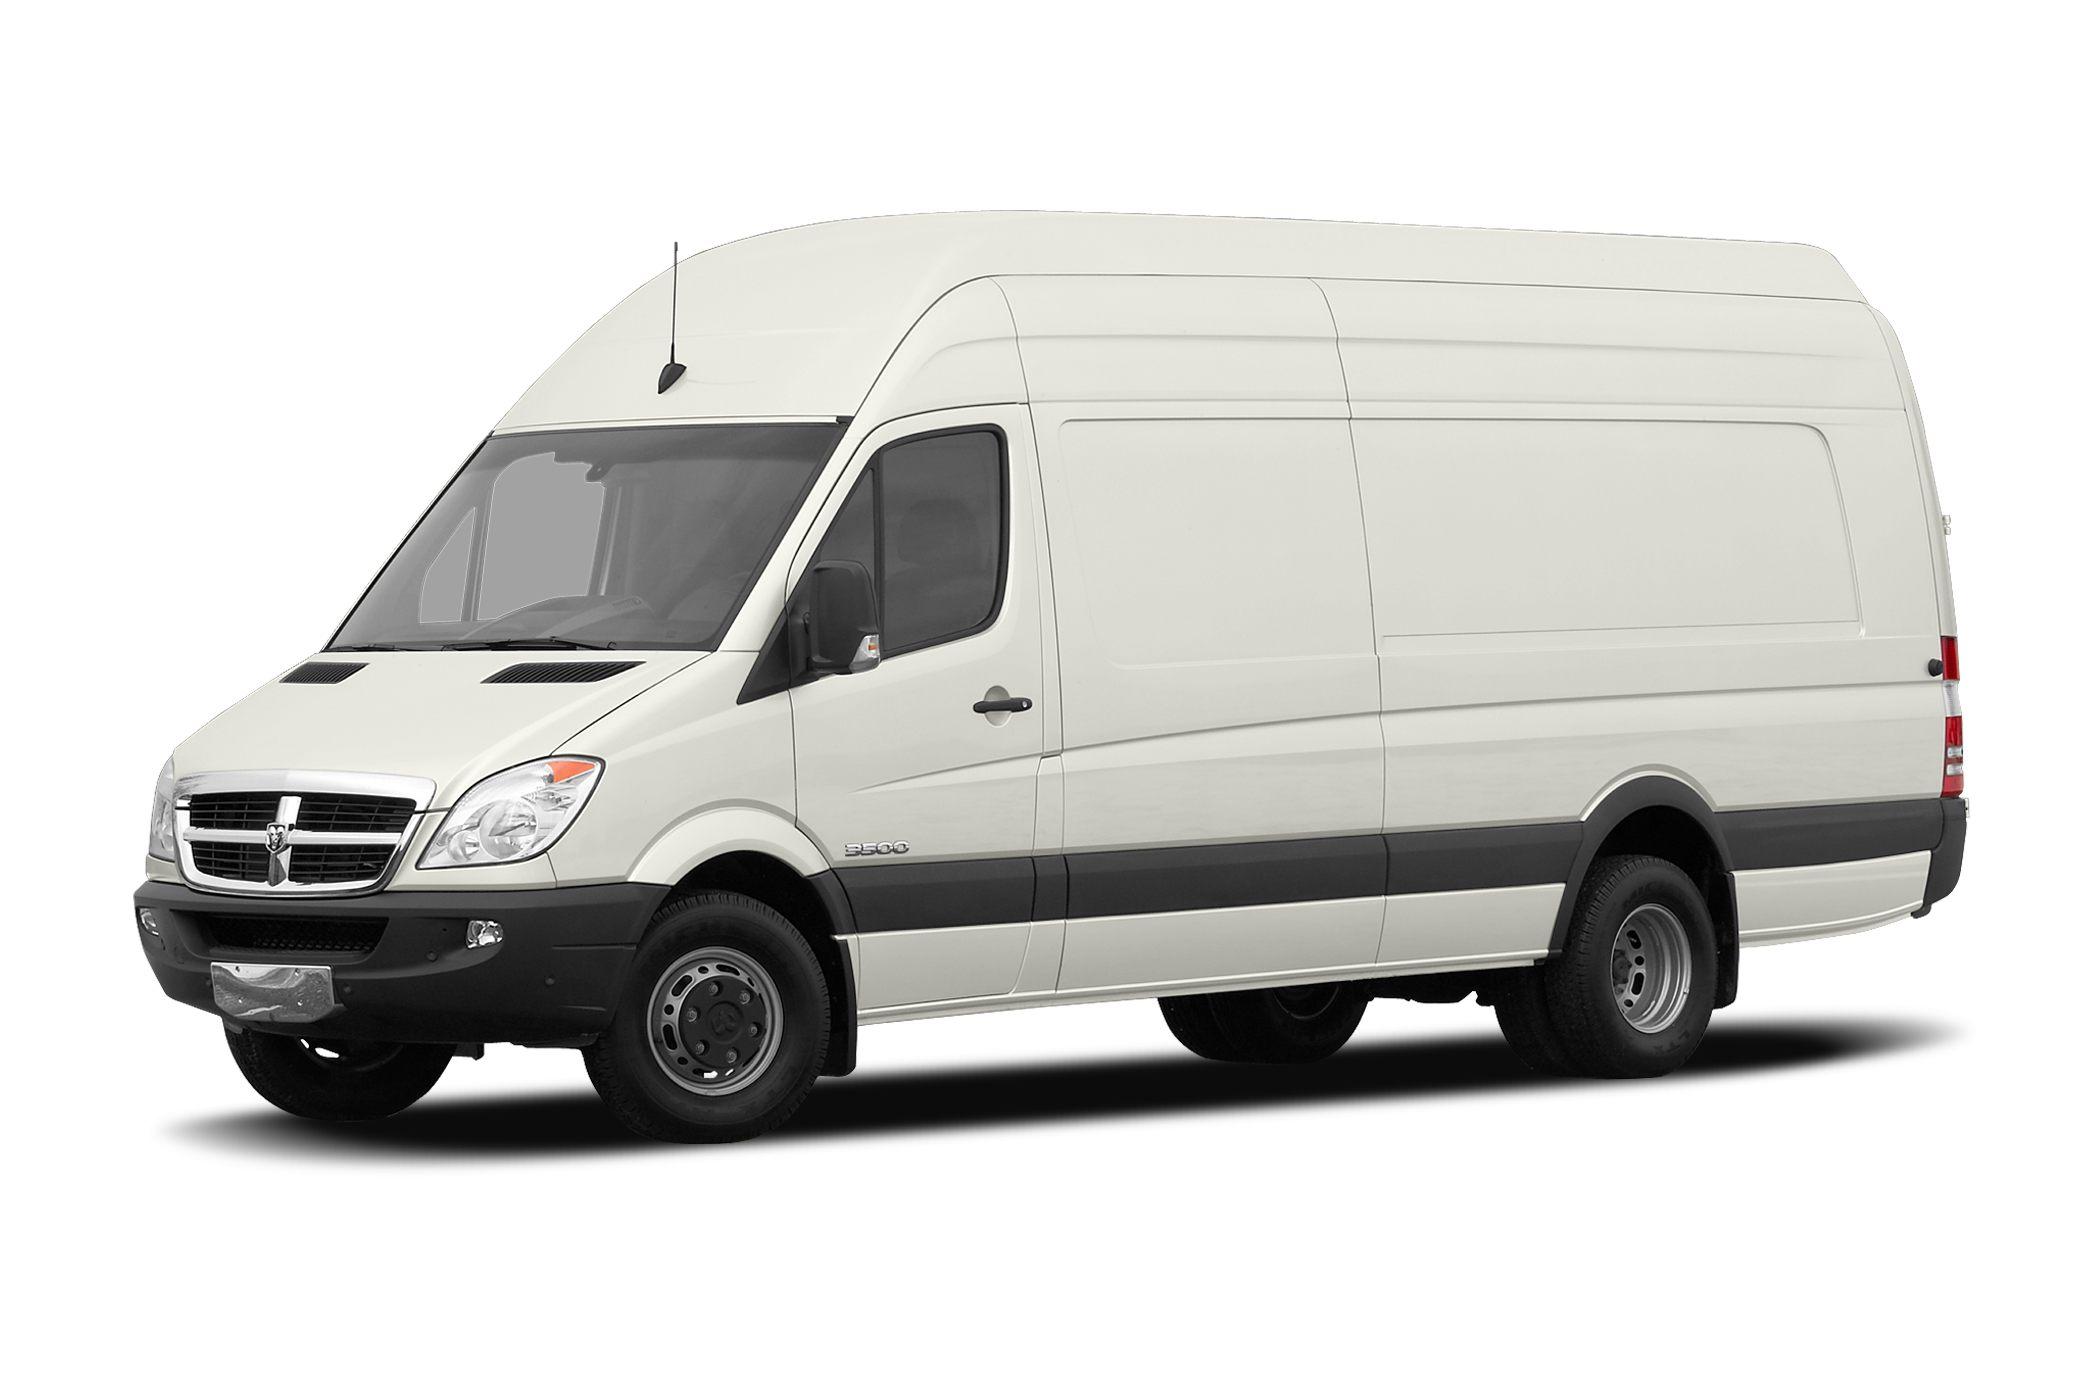 2008 Dodge Sprinter Van 3500 High Roof Extended Cargo Van 170